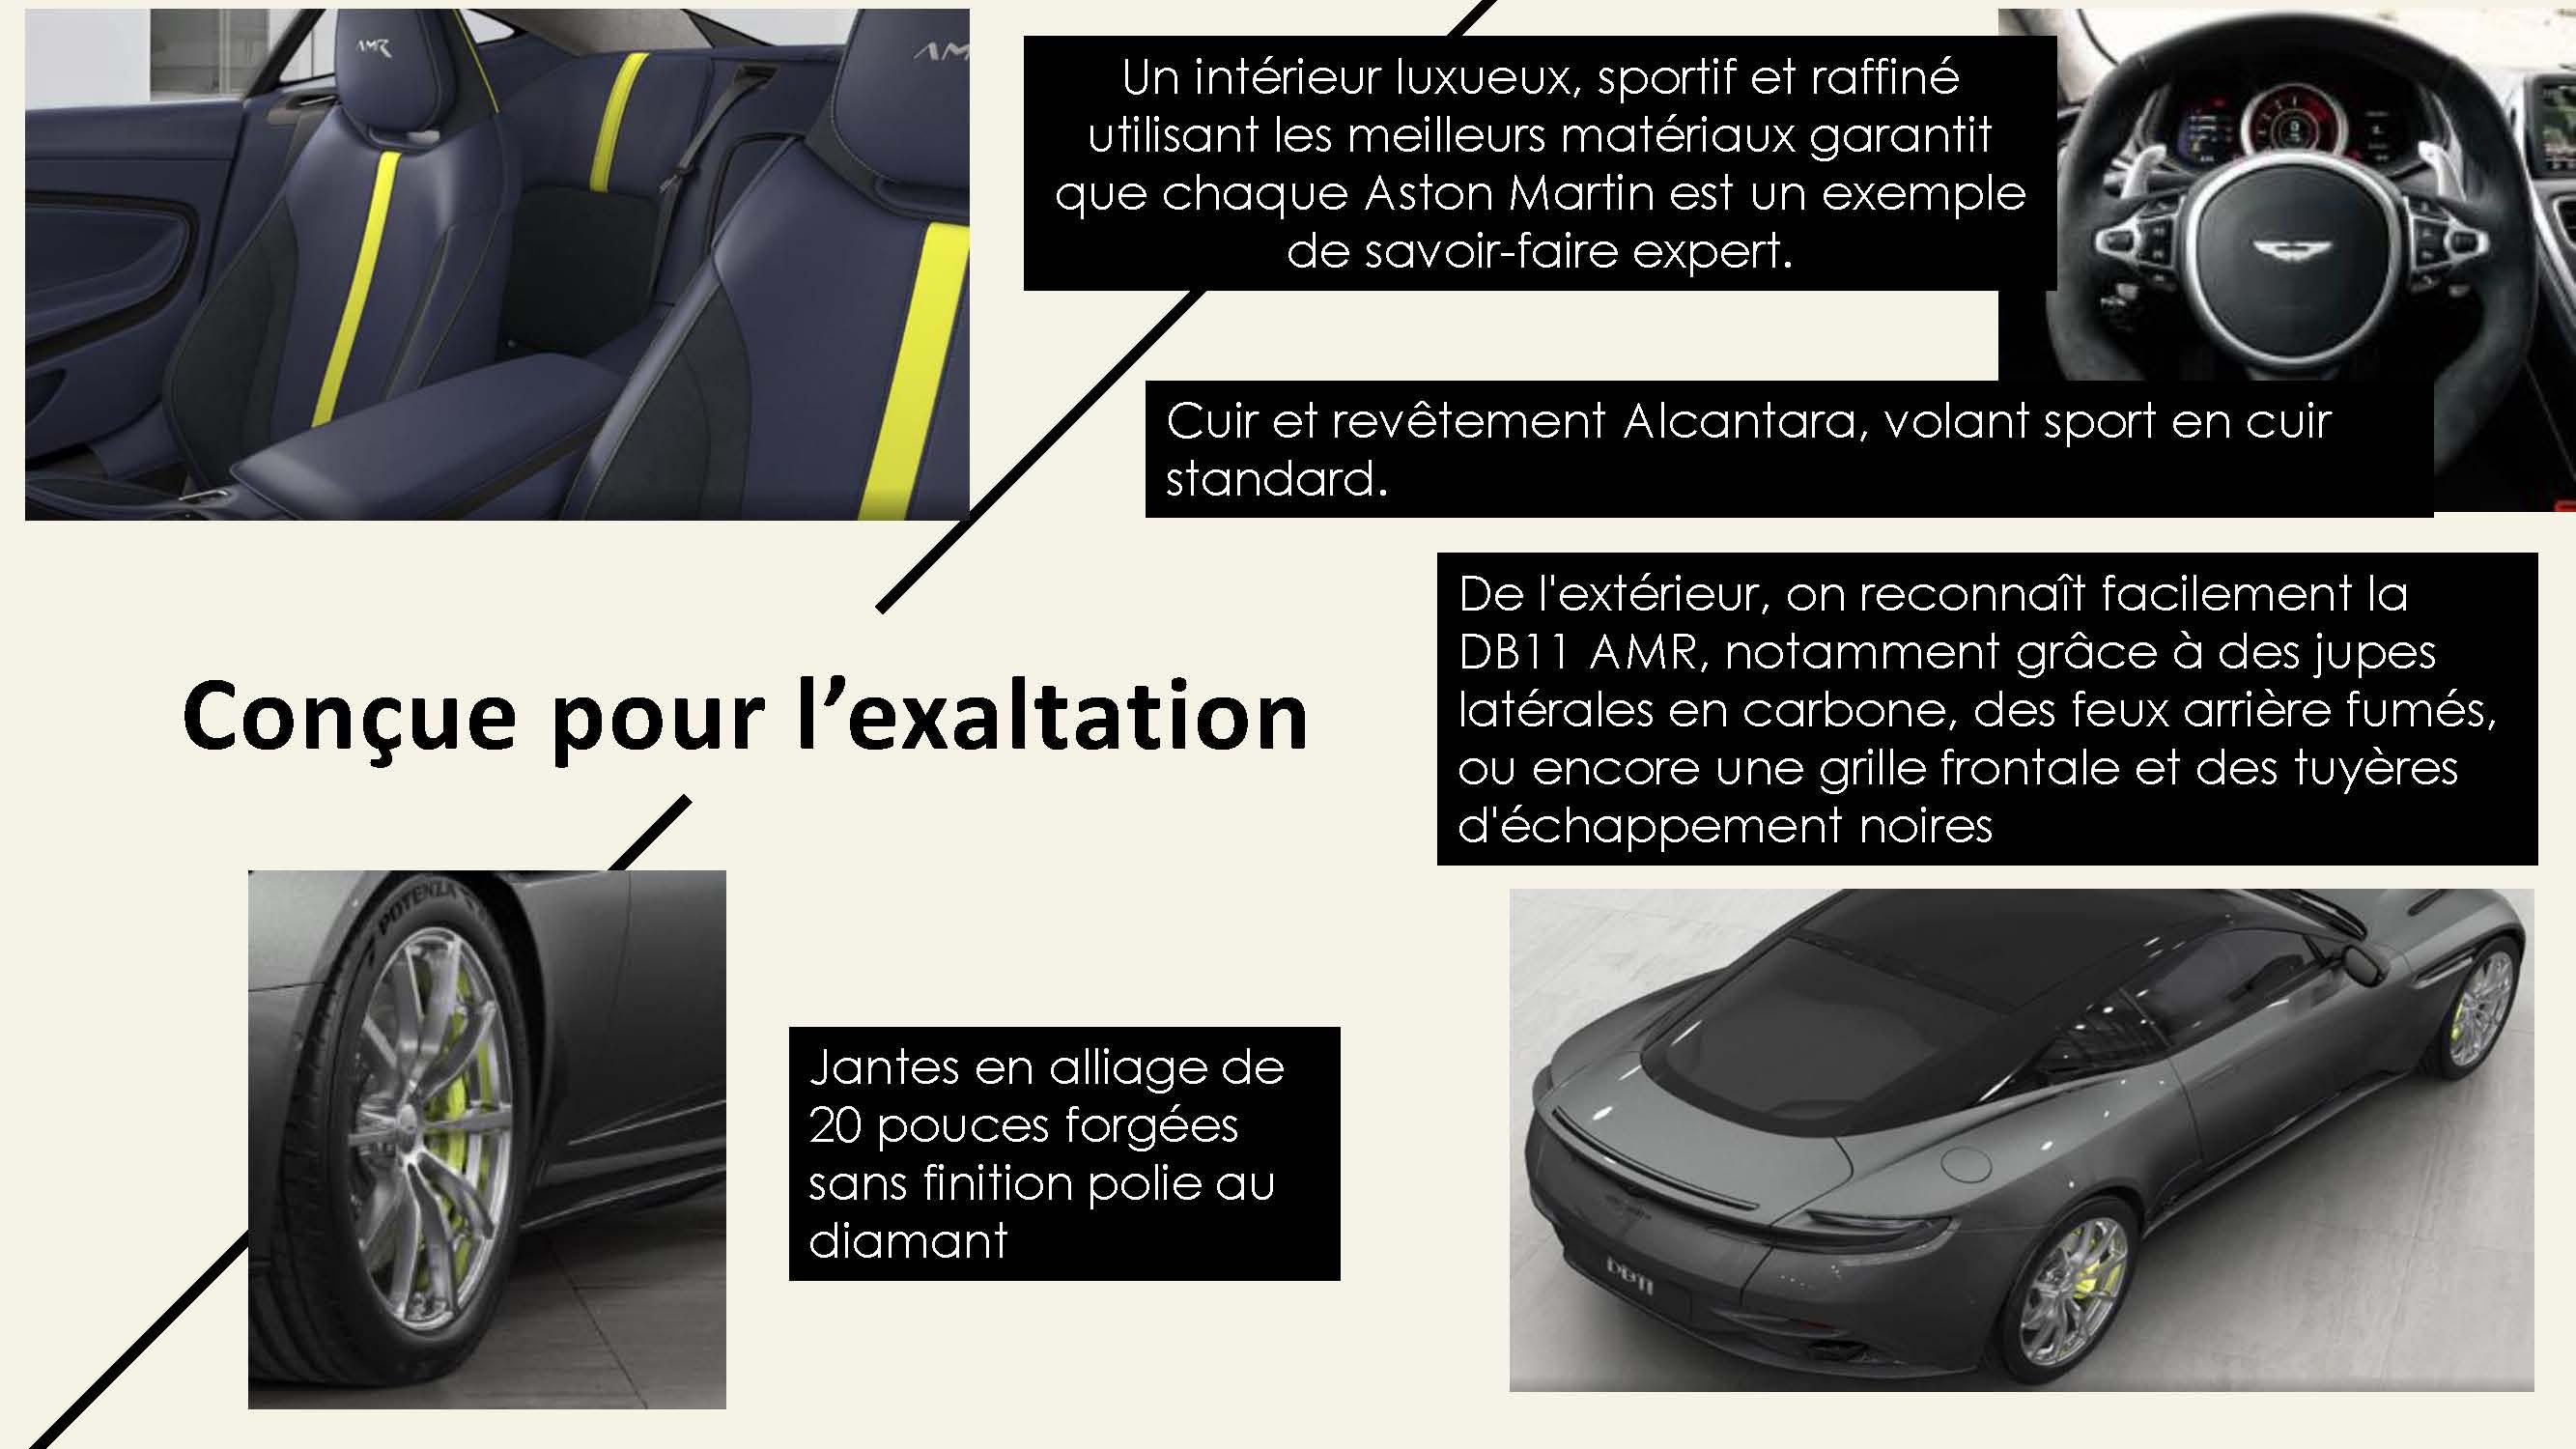 Sketchs Vente Automobile Luxe Sport